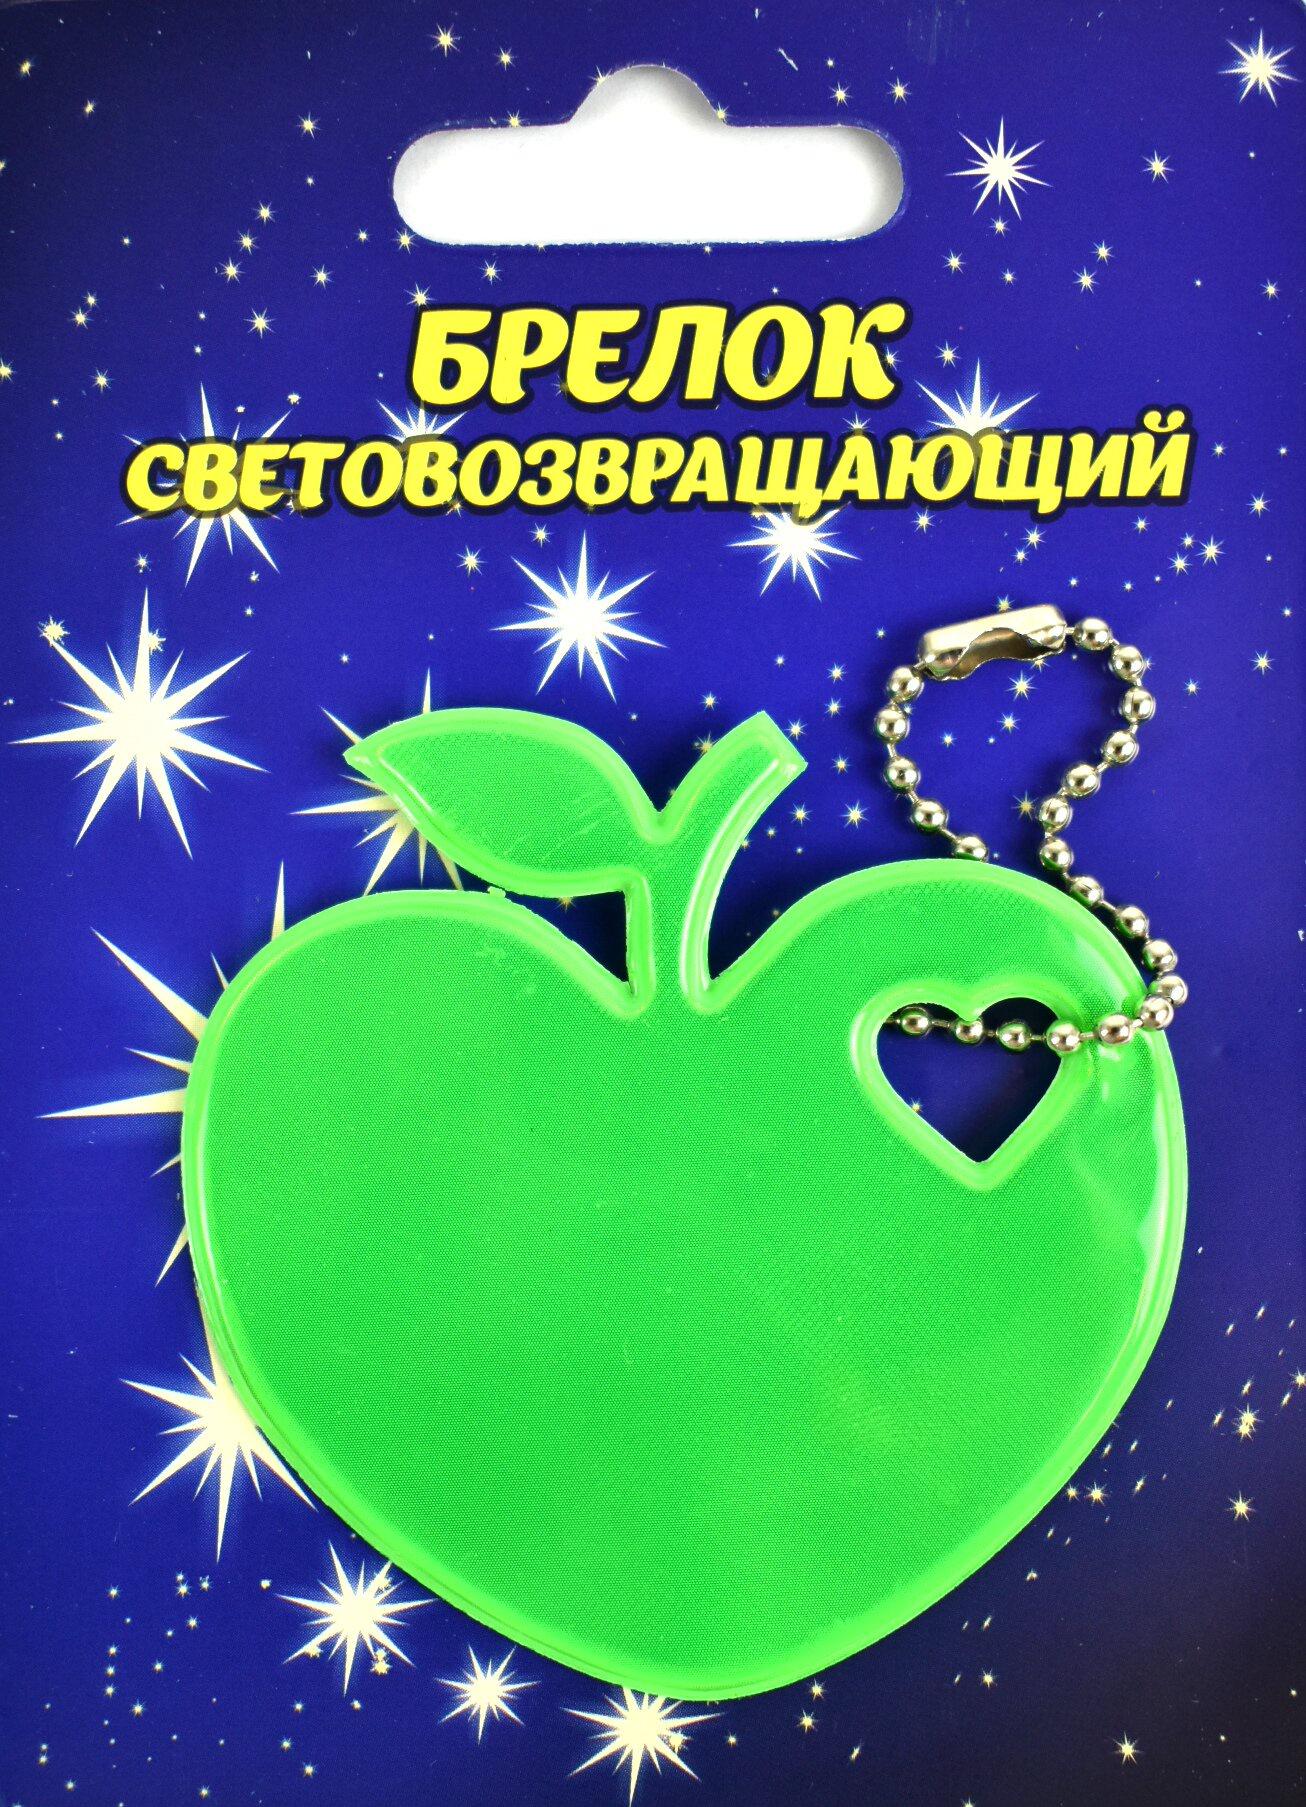 Светоотражатель Светлячок Брелок светоотражающий зеленое яблоко, зеленый